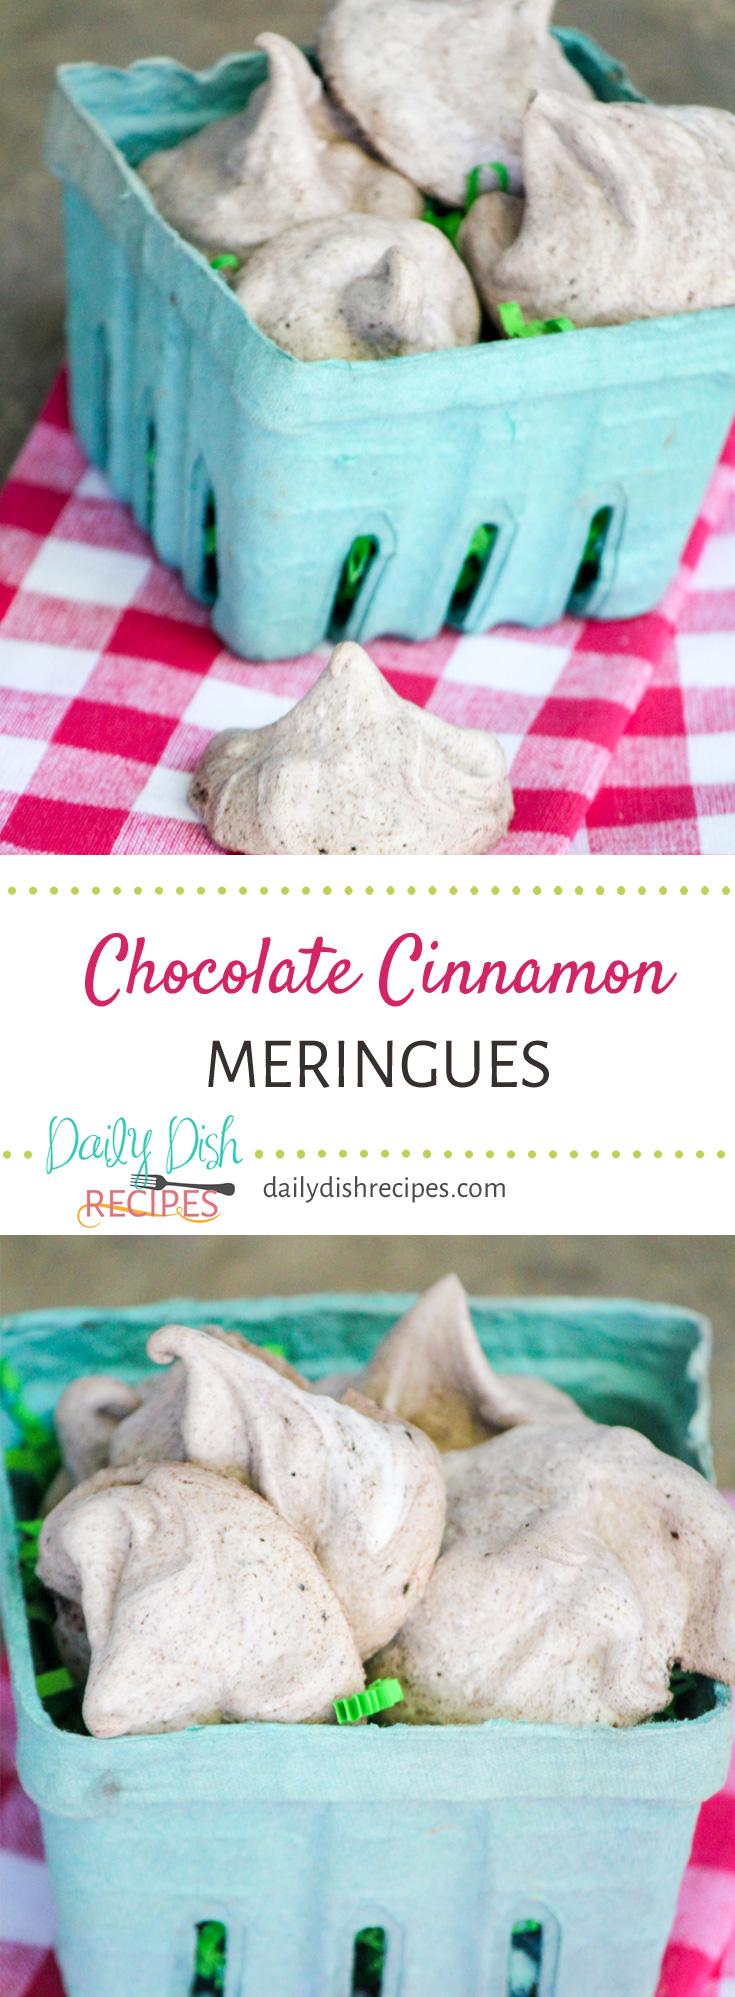 Chocolate Cinnamon Meringues To Die For!